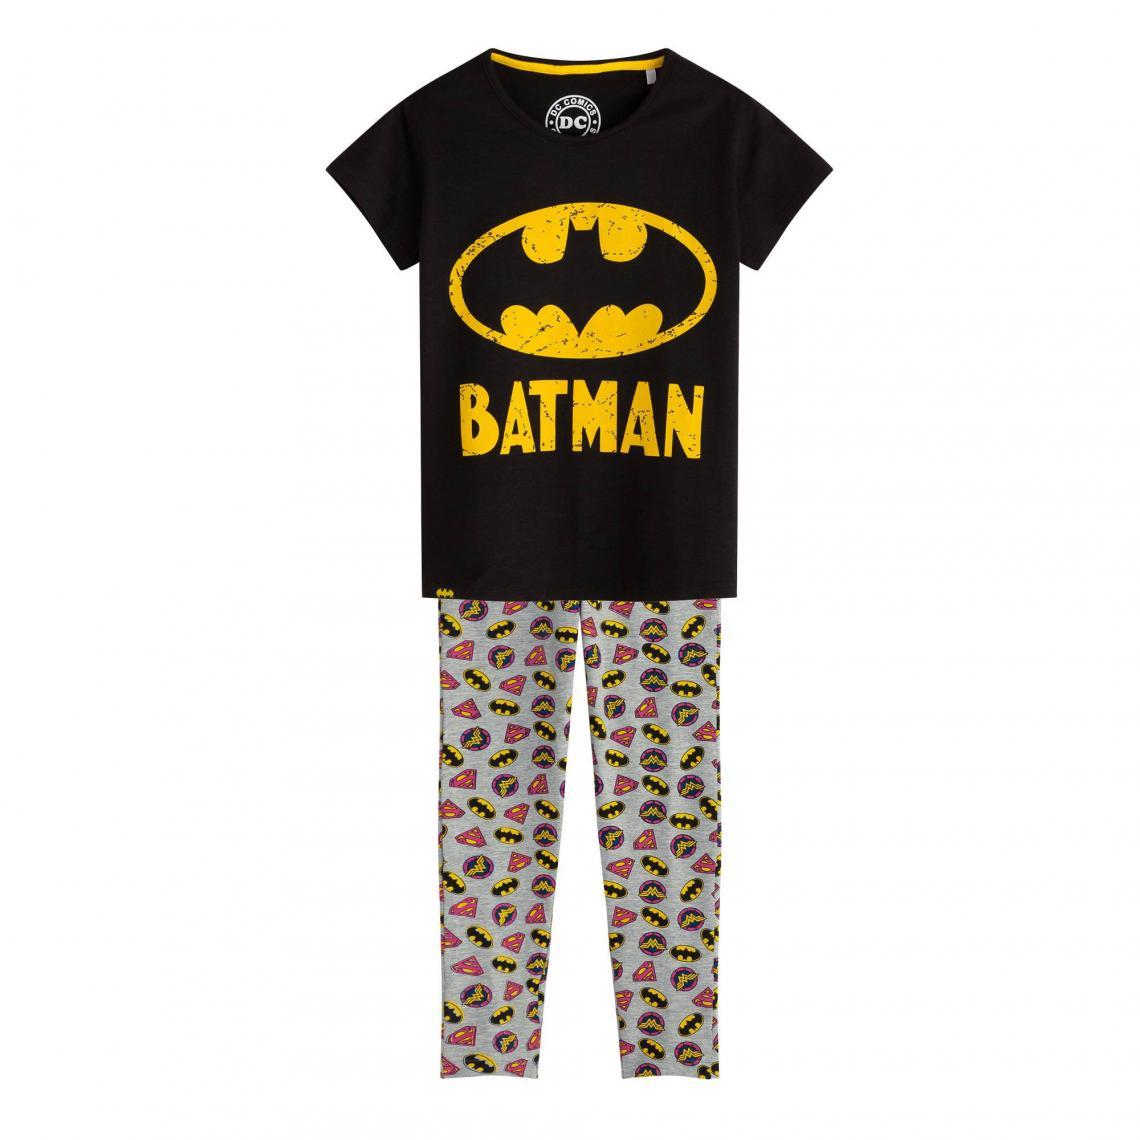 Pyjama maille jersey fille Batman - Multicolore - 3Suisses